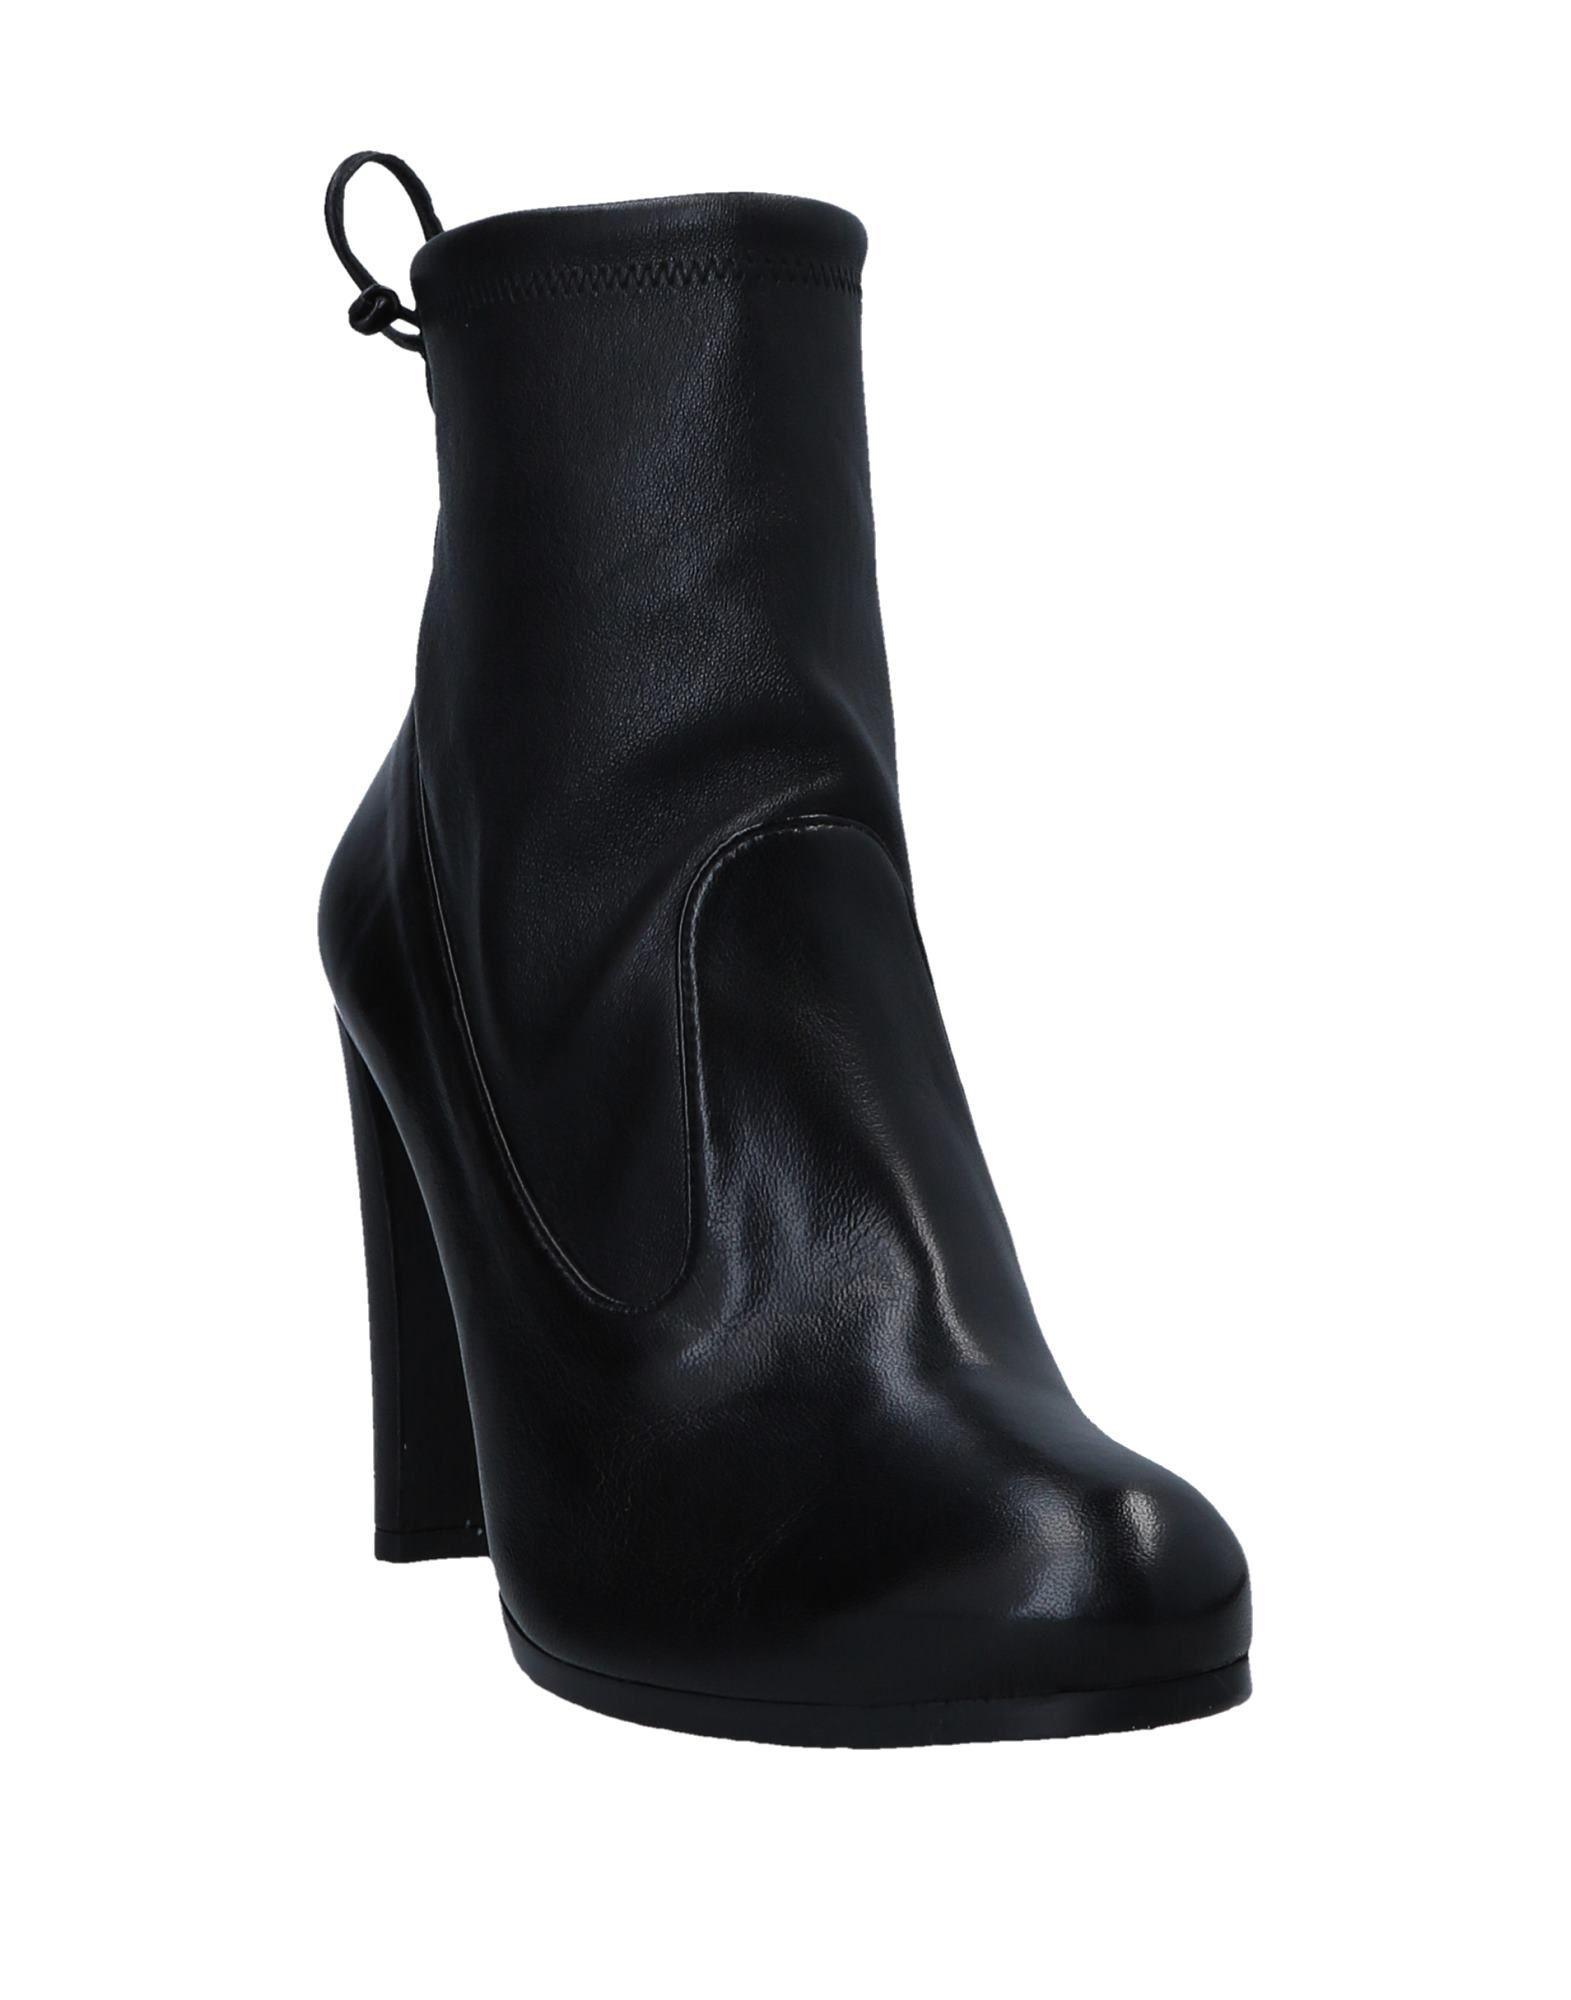 Stuart Weitzman Stiefelette Damen aussehende  11545721NKGünstige gut aussehende Damen Schuhe 3b16ea